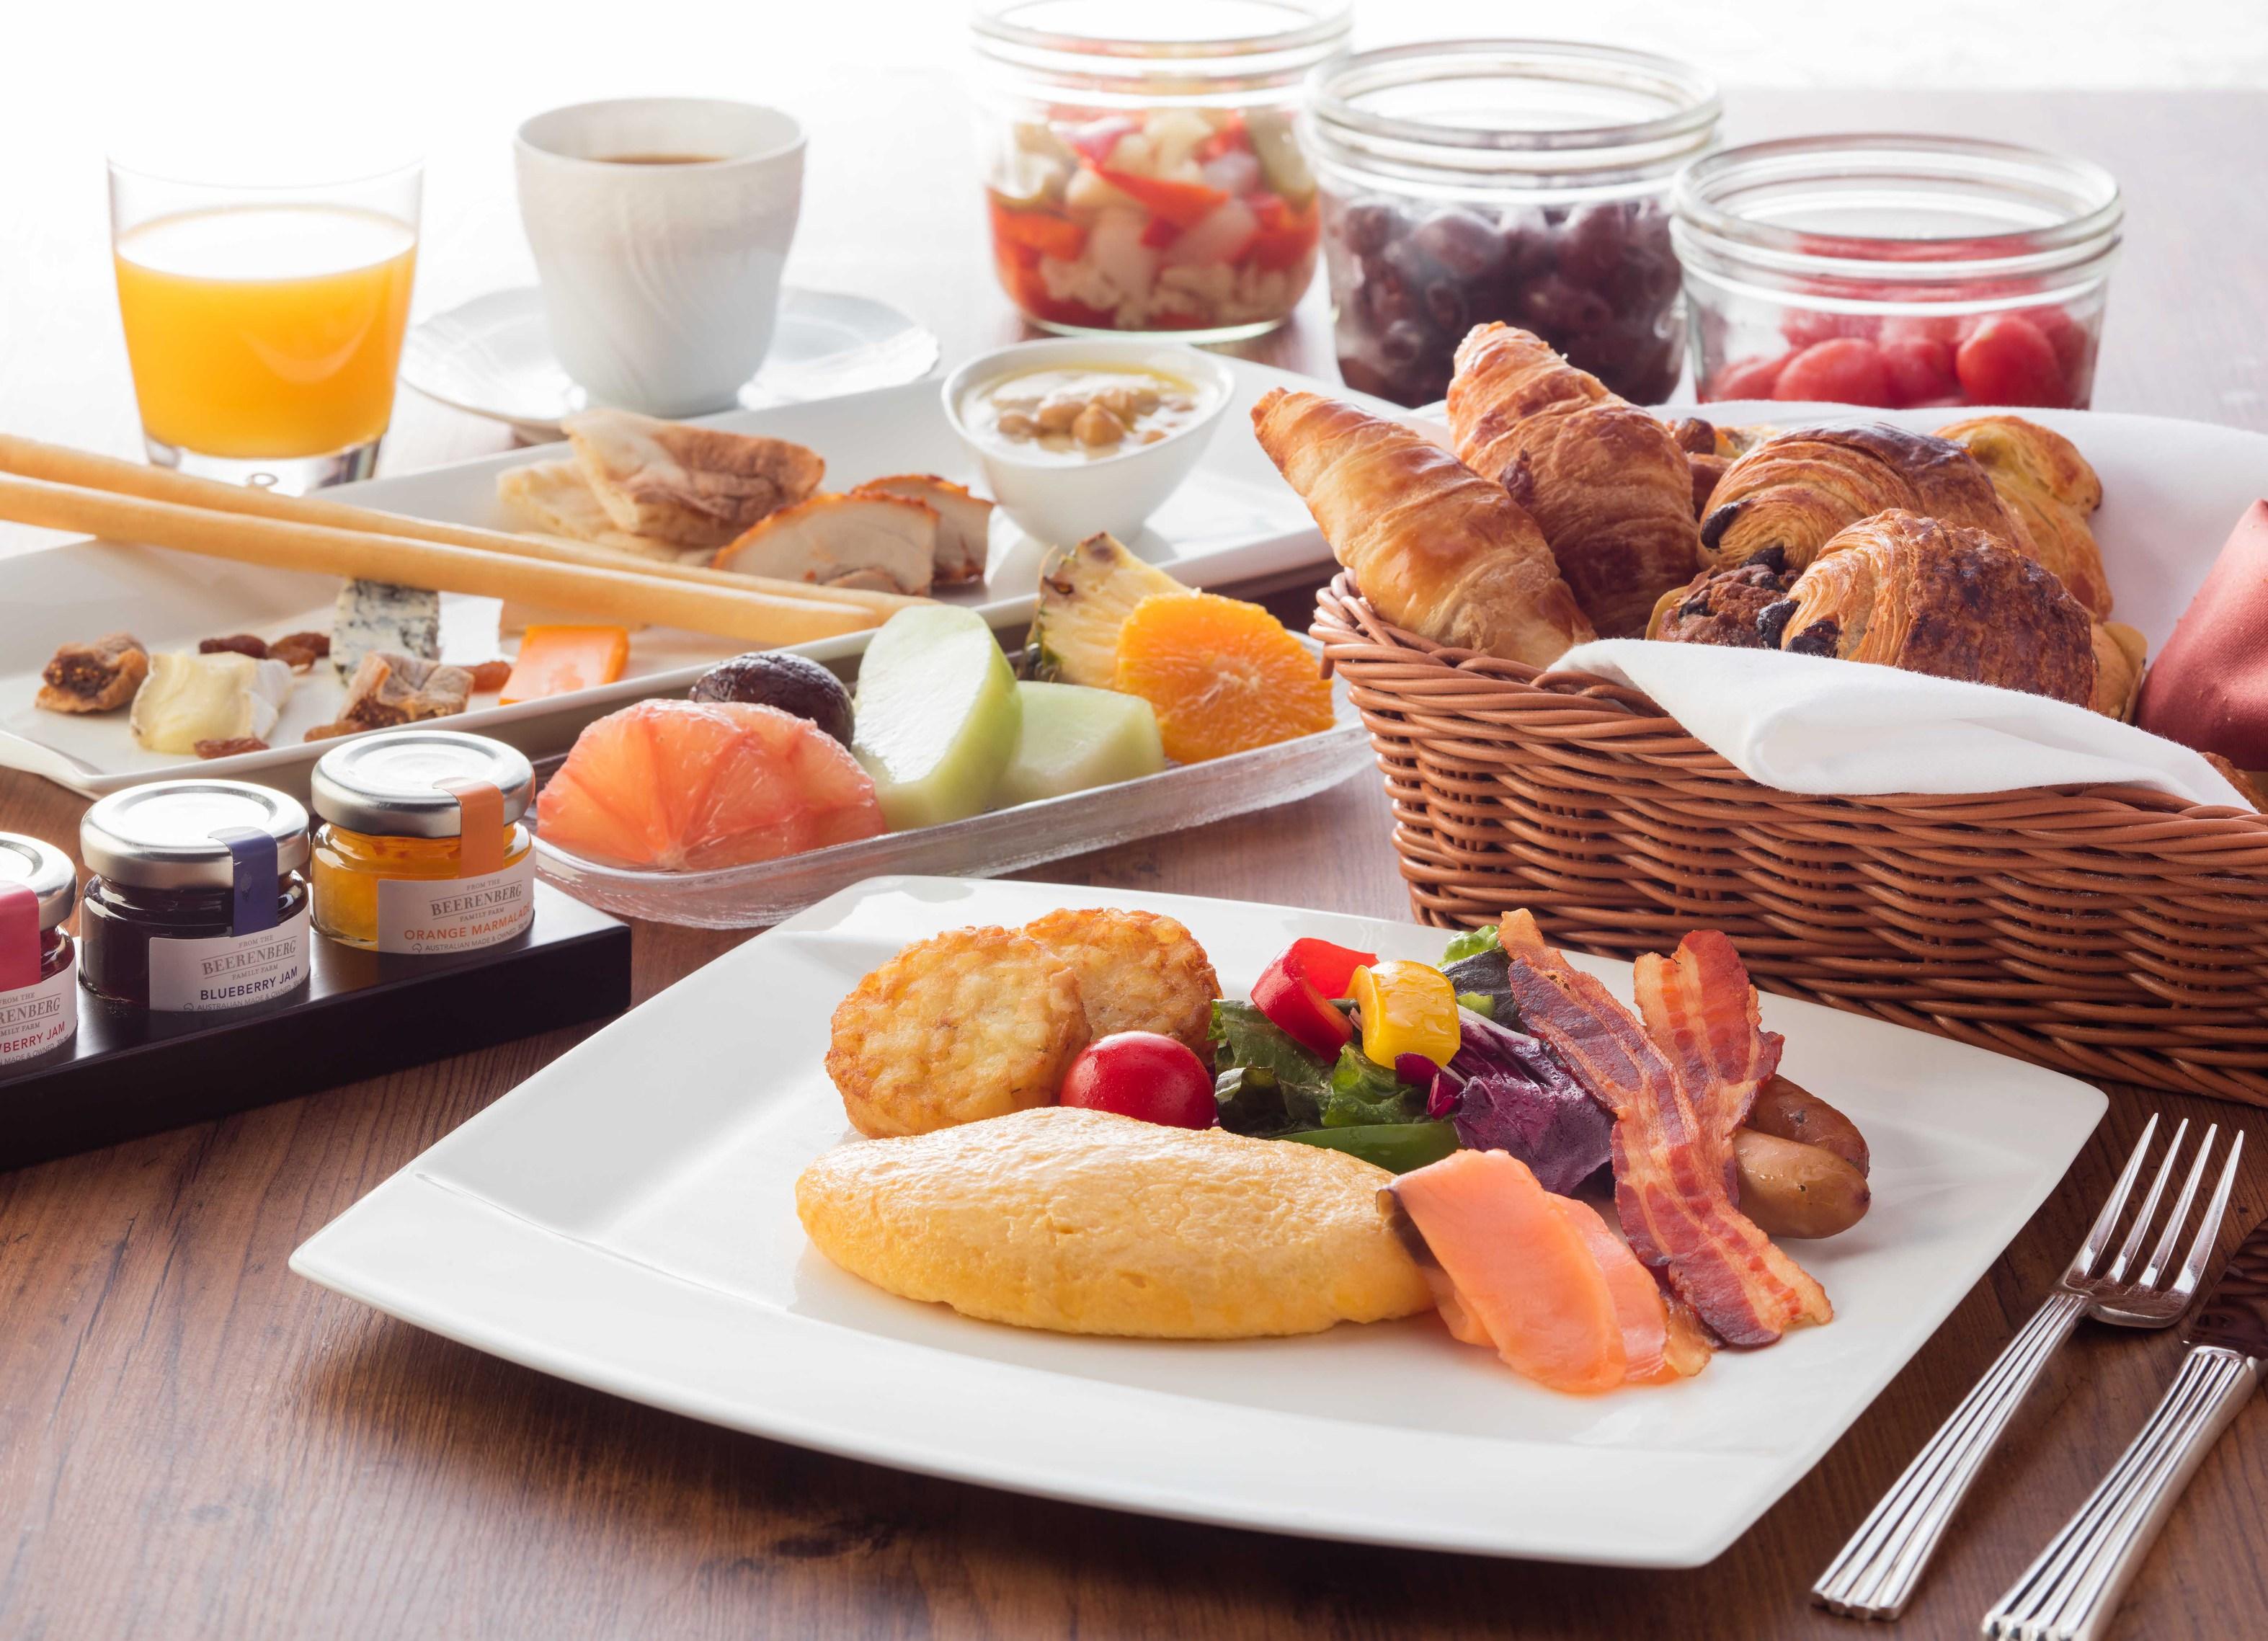 【楽パック限定プラン】(ご朝食付)ご出張やご旅行に♪